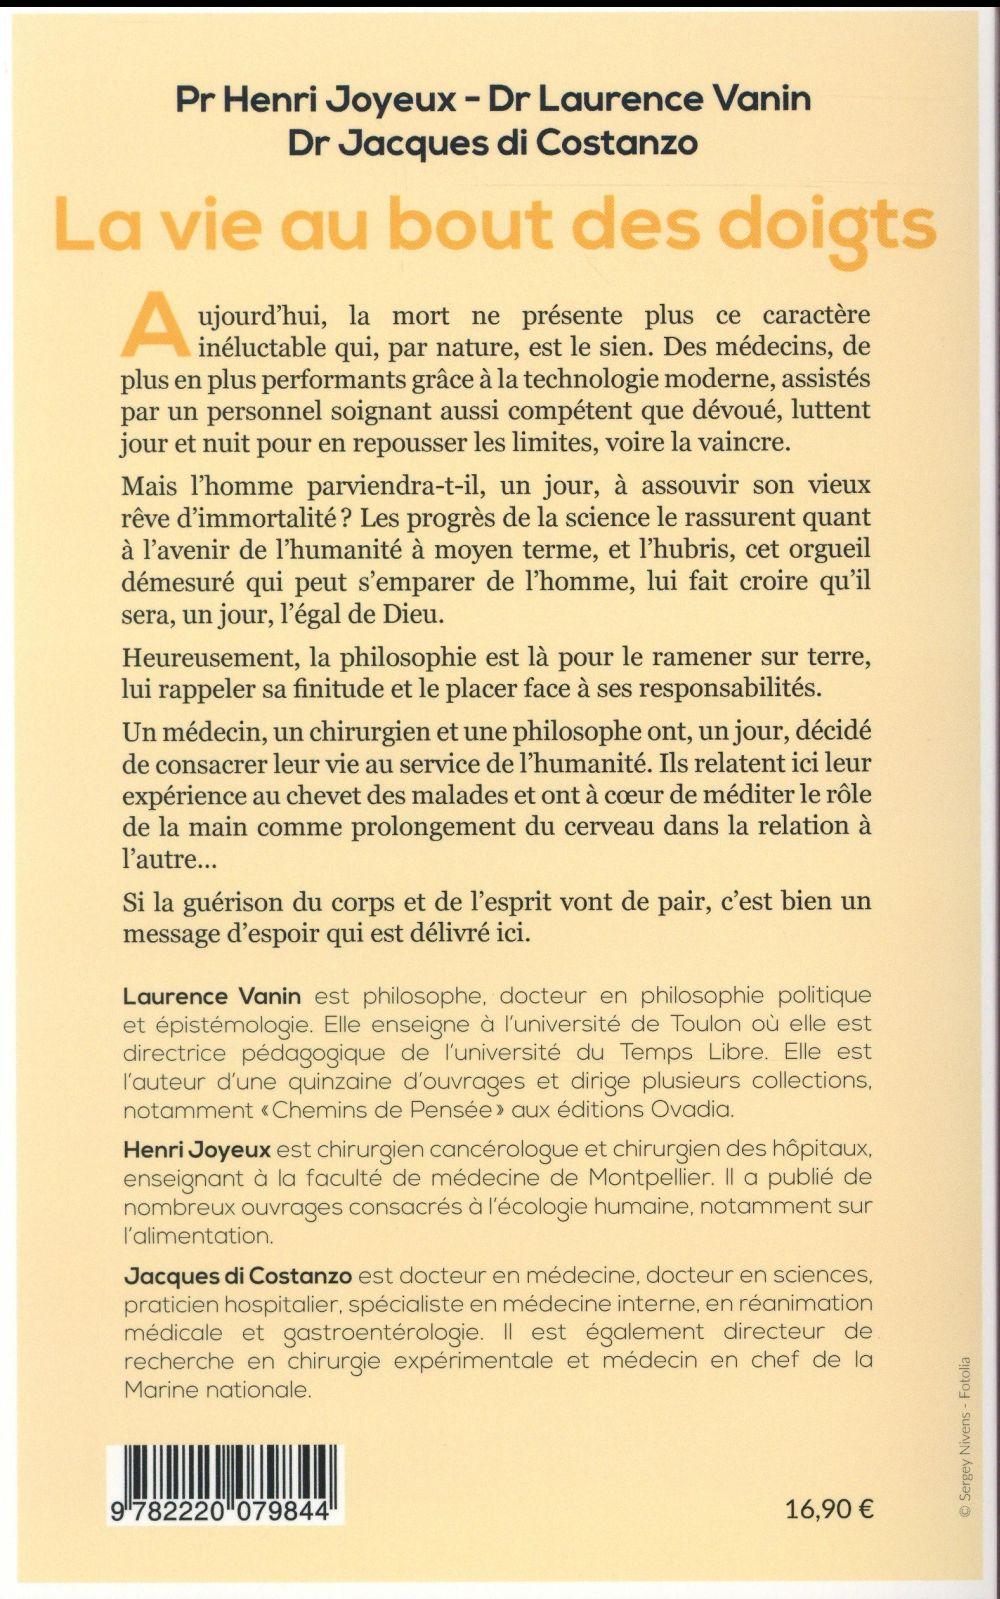 La Vie Au Bout Des Doigts : doigts, Doigts, Henri, Joyeux,, Laurence, Vanin,, Jacques, Costanzo, Desclee, Brouwer, Grand, Format, Choses, BOULOGNE, BILLANCOURT